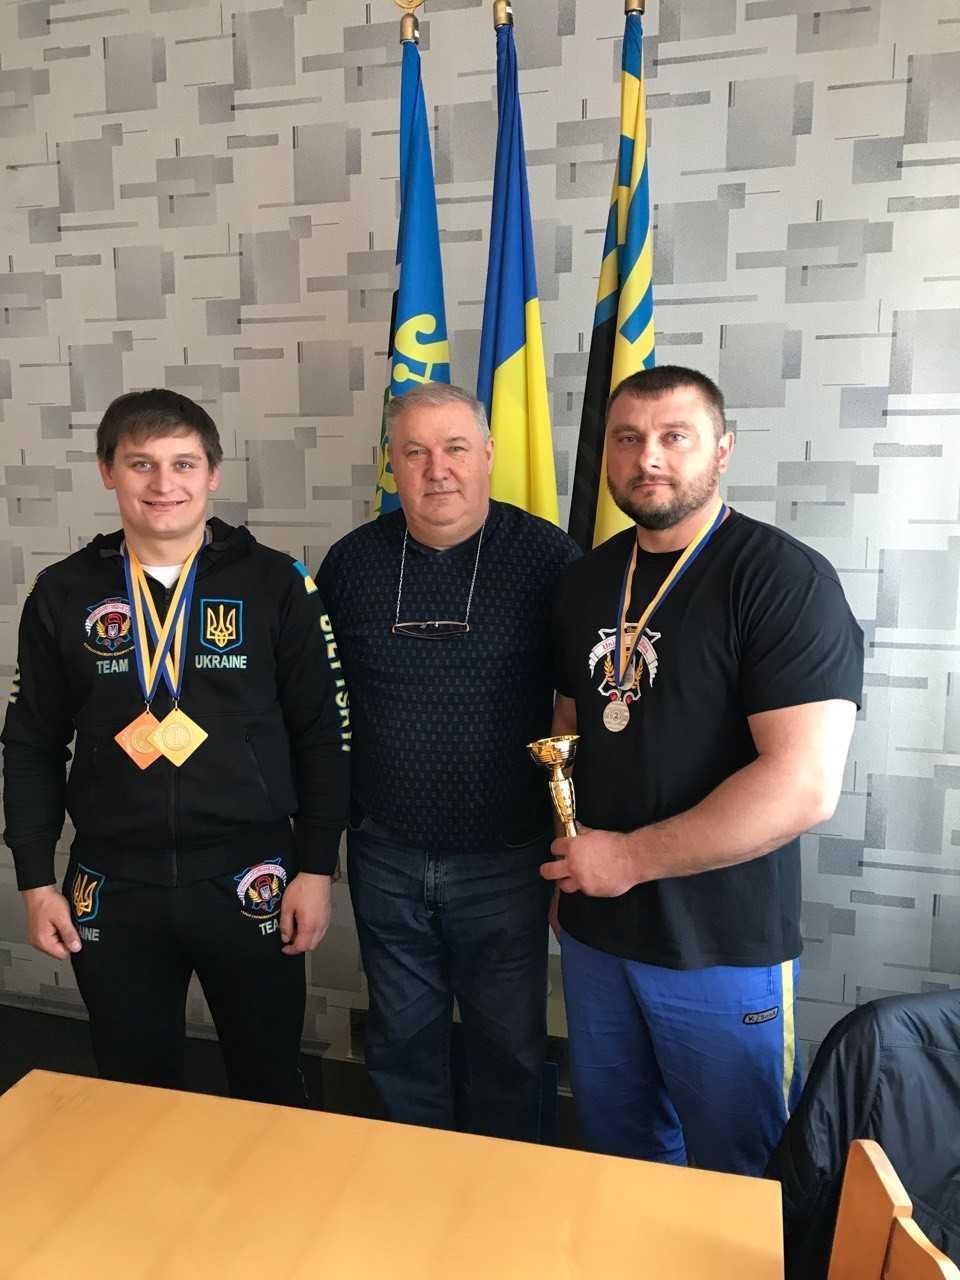 IMG 9c97e9d4937dfd1812a275c639818b08 V - Чемпіон України з гирьового спорту – Білицький Леон.